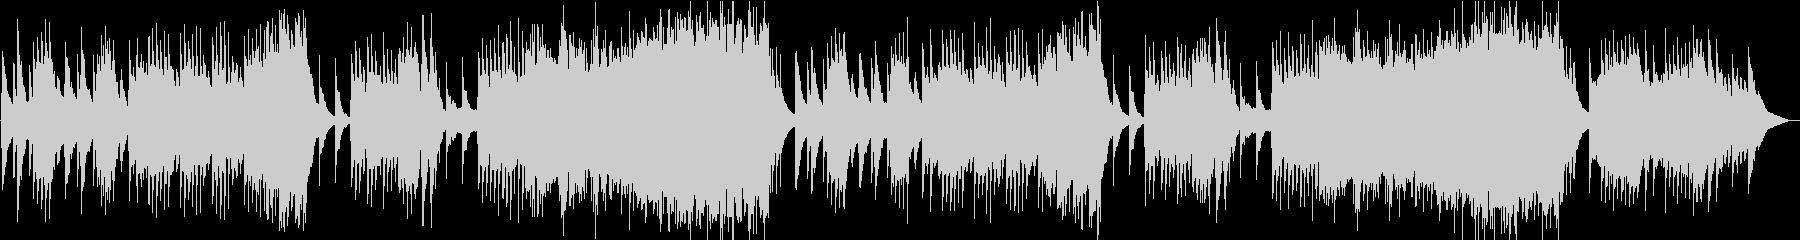 アイネクライネ オルゴールオーケストラの未再生の波形